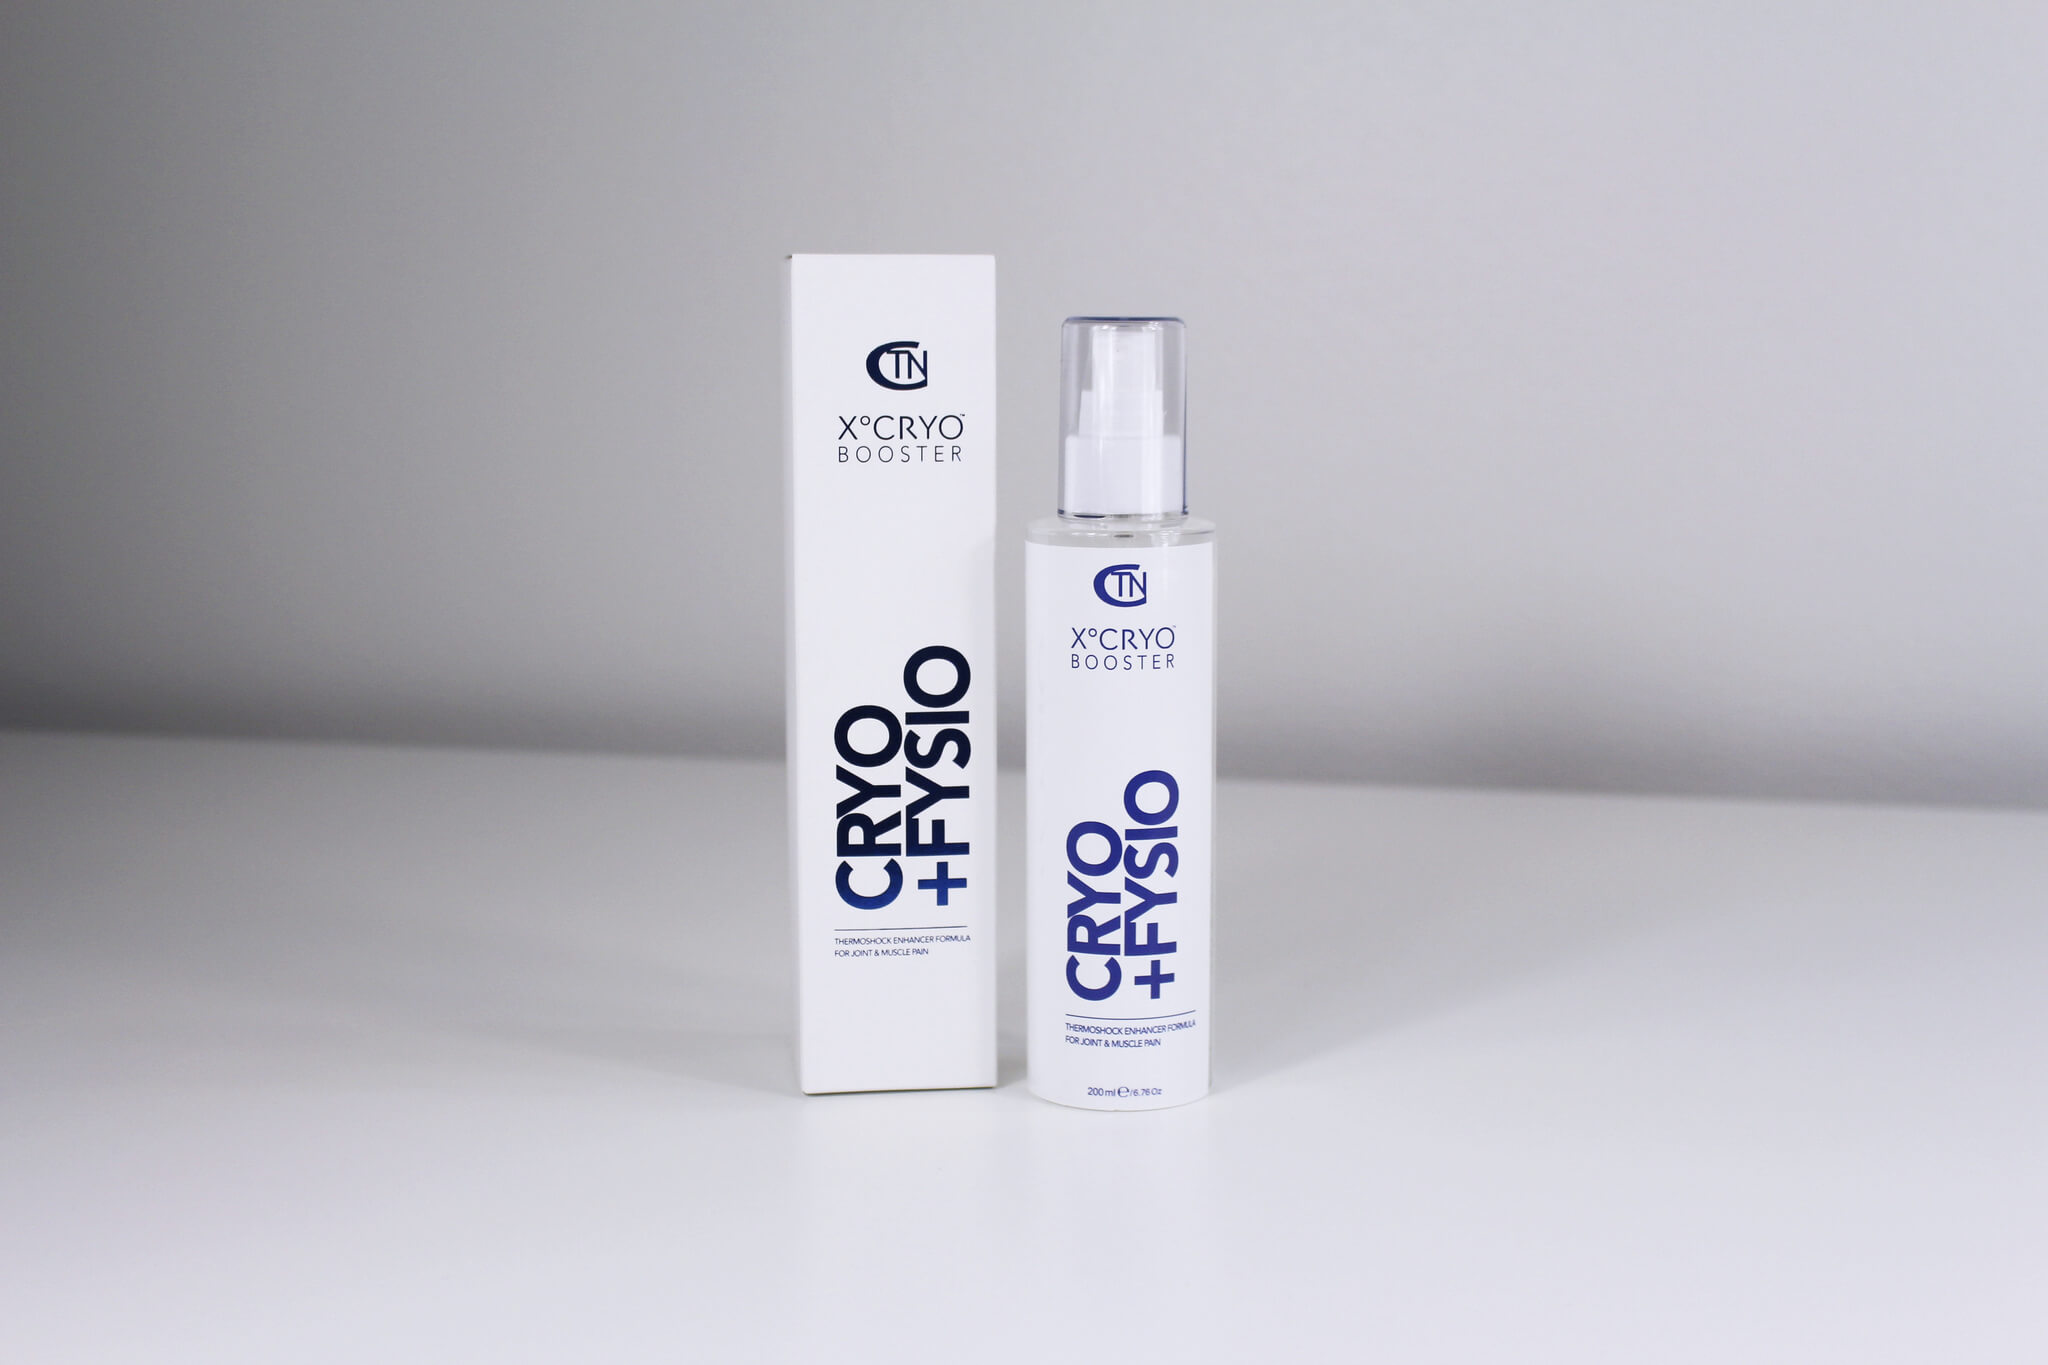 Cryo Fysio (Body) Booster Spray